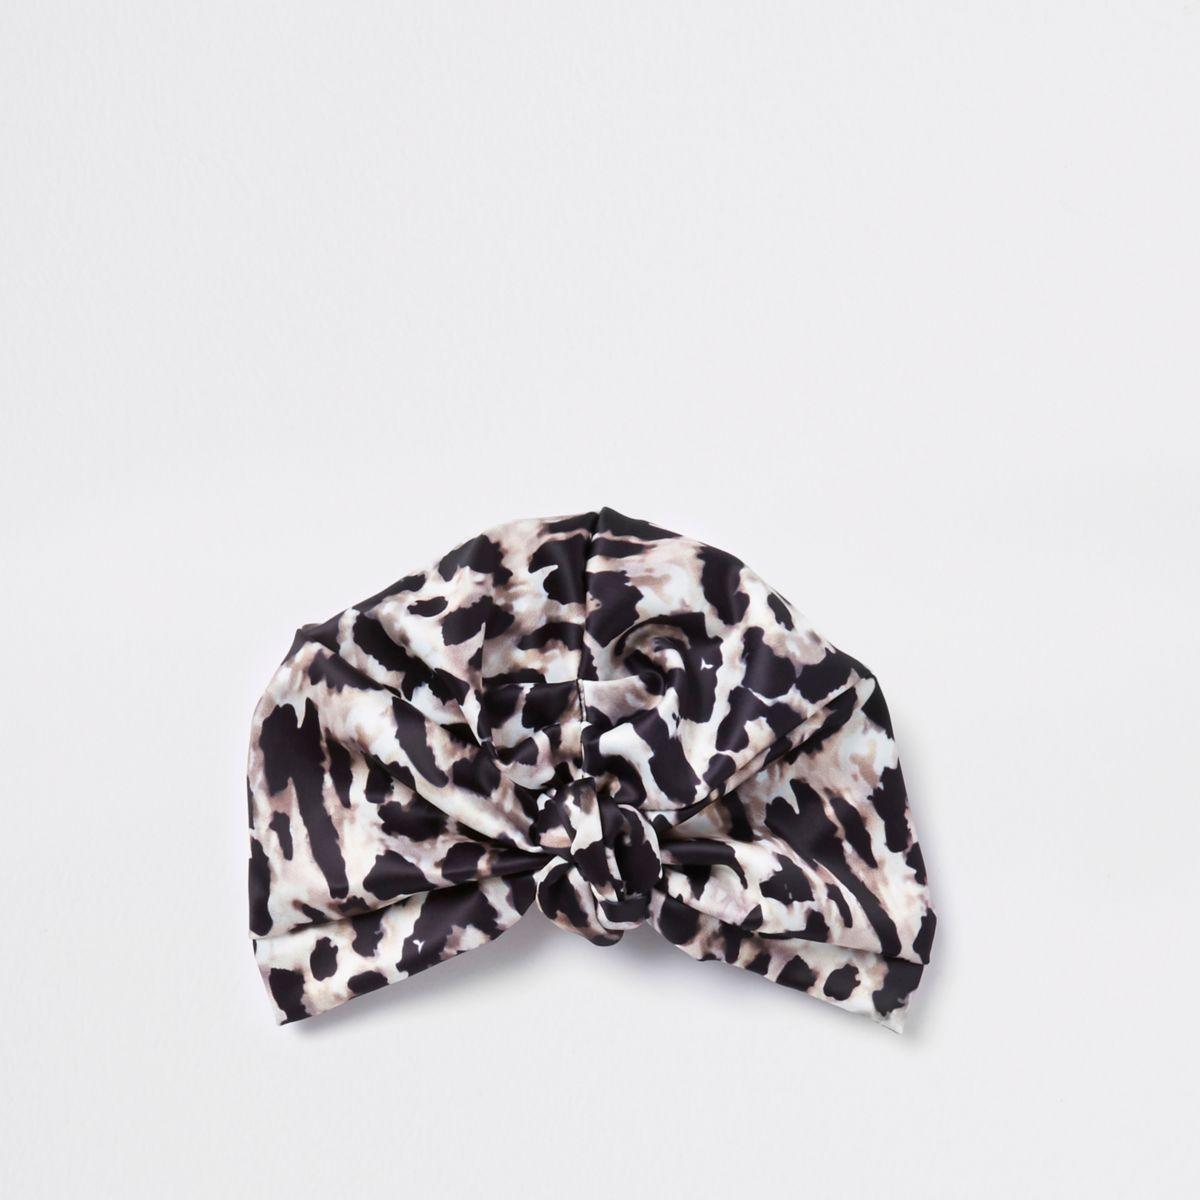 Brown satin leopard print turban hat